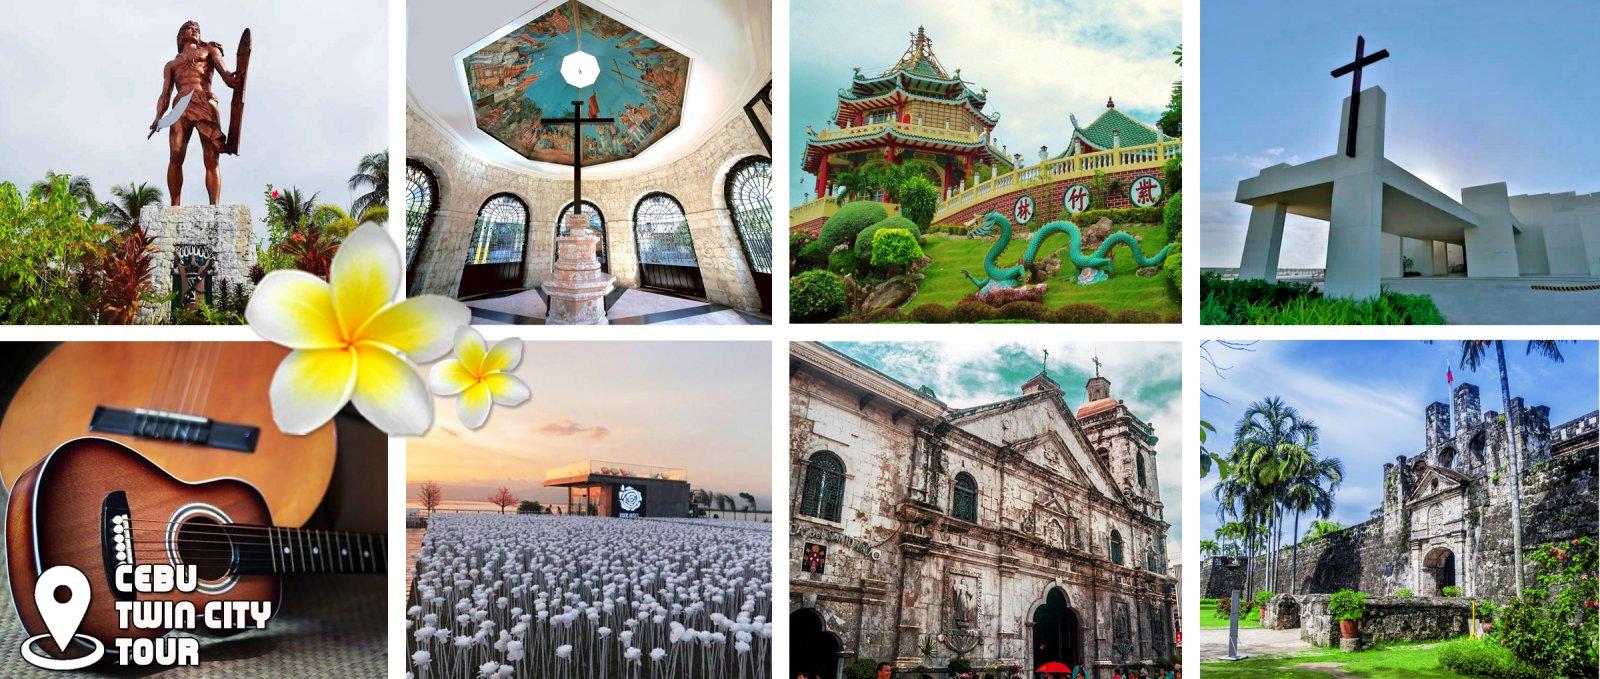 Обзорный тур по Себу